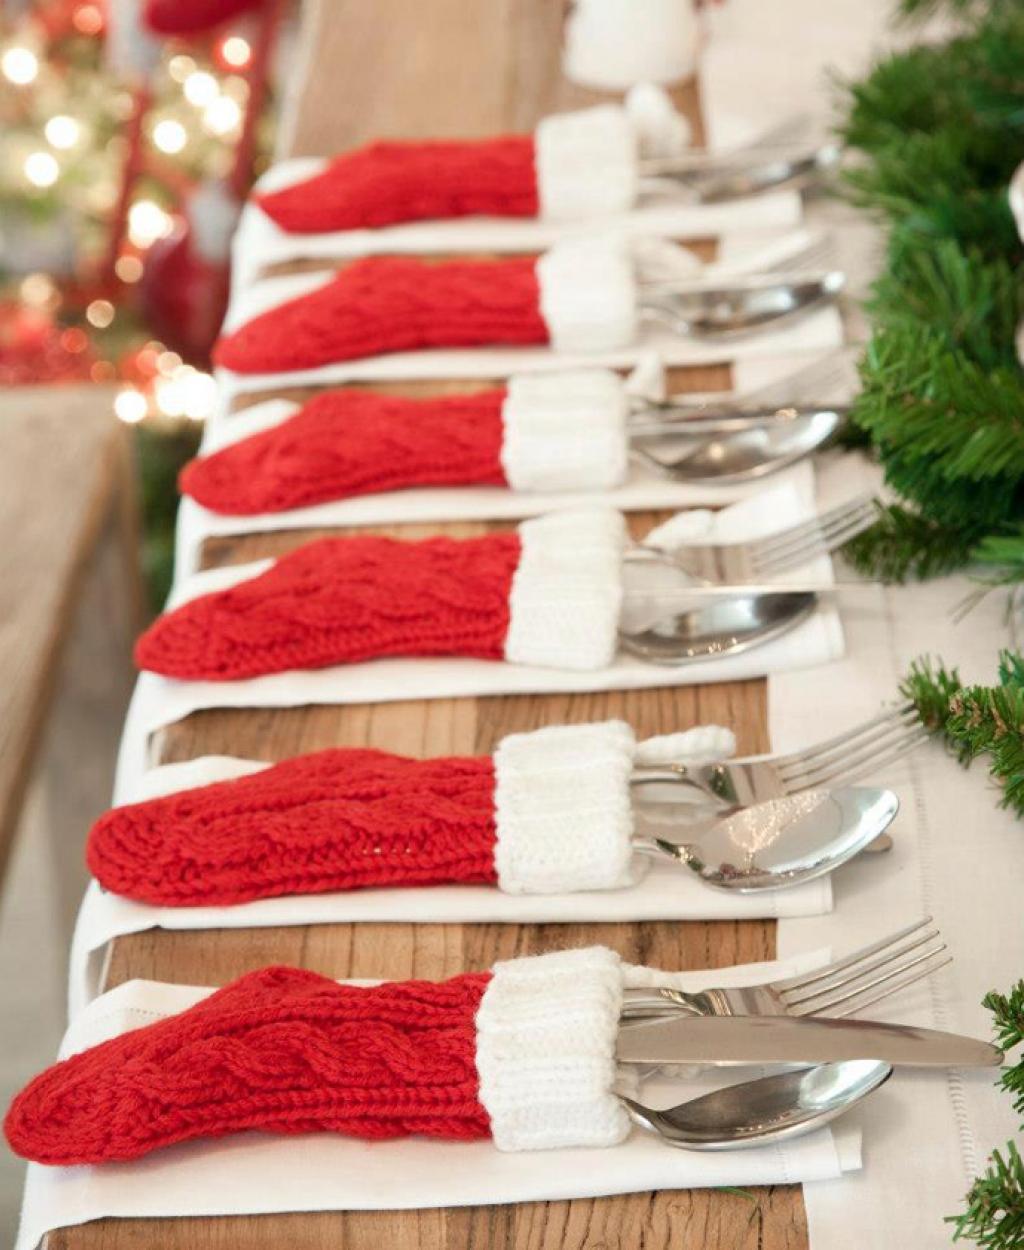 Photo Decoration Table De Noel With Photo Decoration Table De Noel